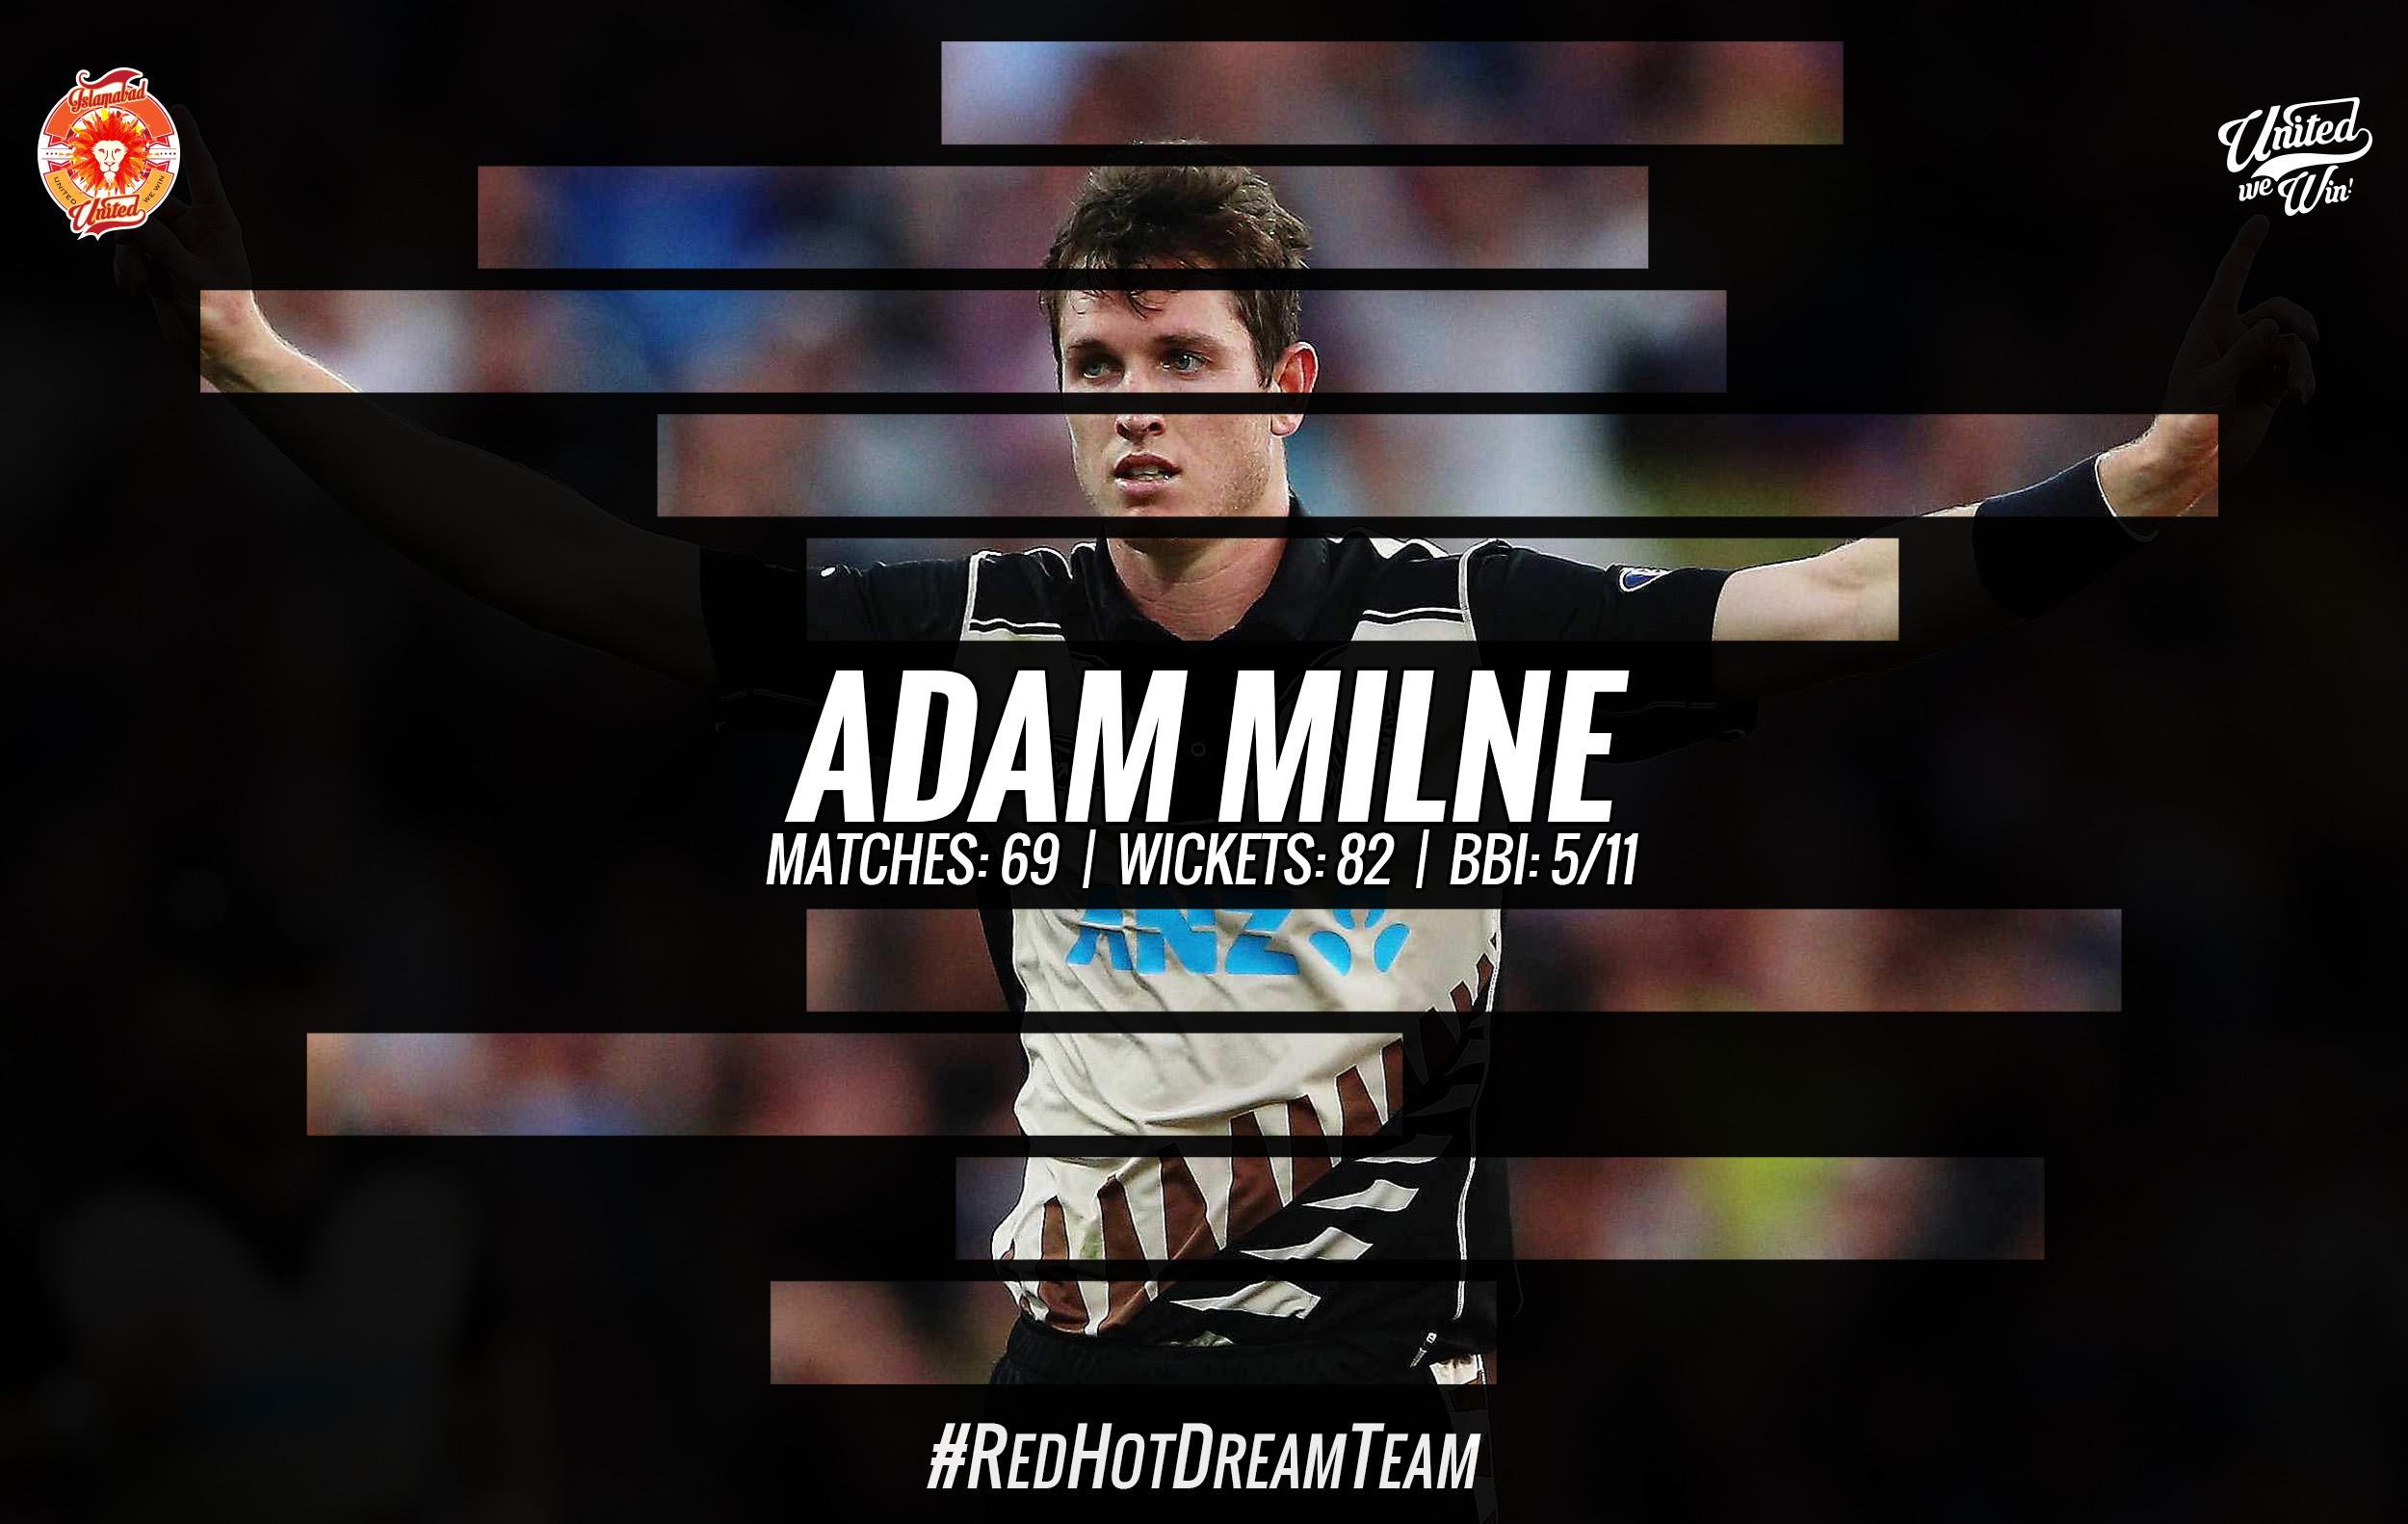 Adam Milne